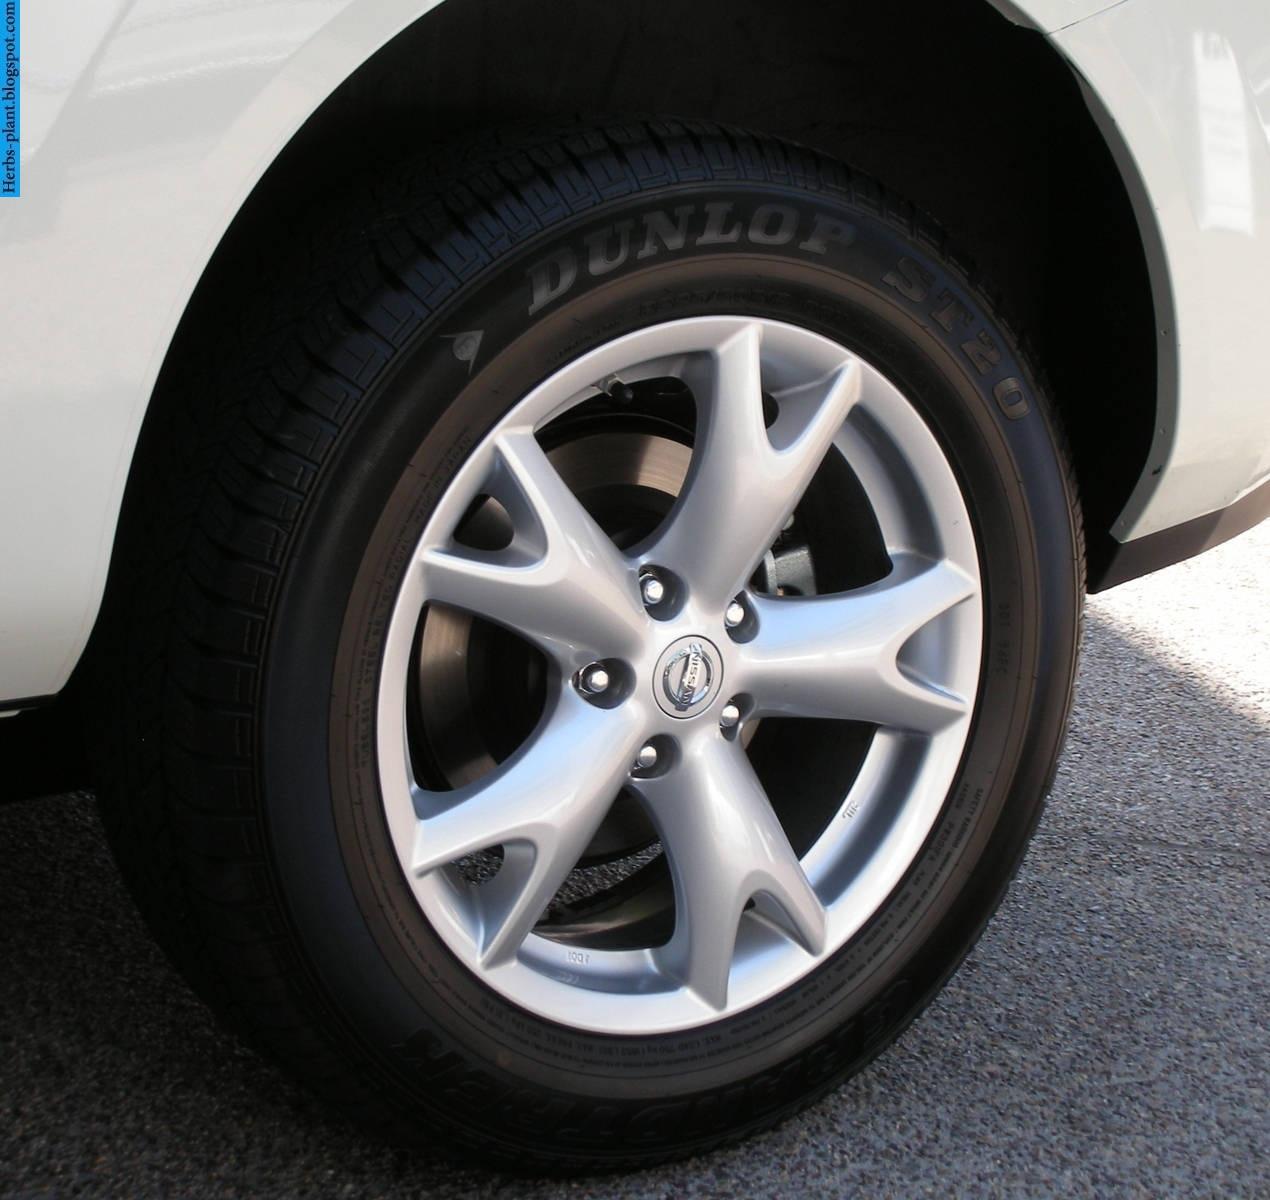 Nissan Rogue car 2013 tyres/wheels - صور اطارات سيارة نيسان روج 2013